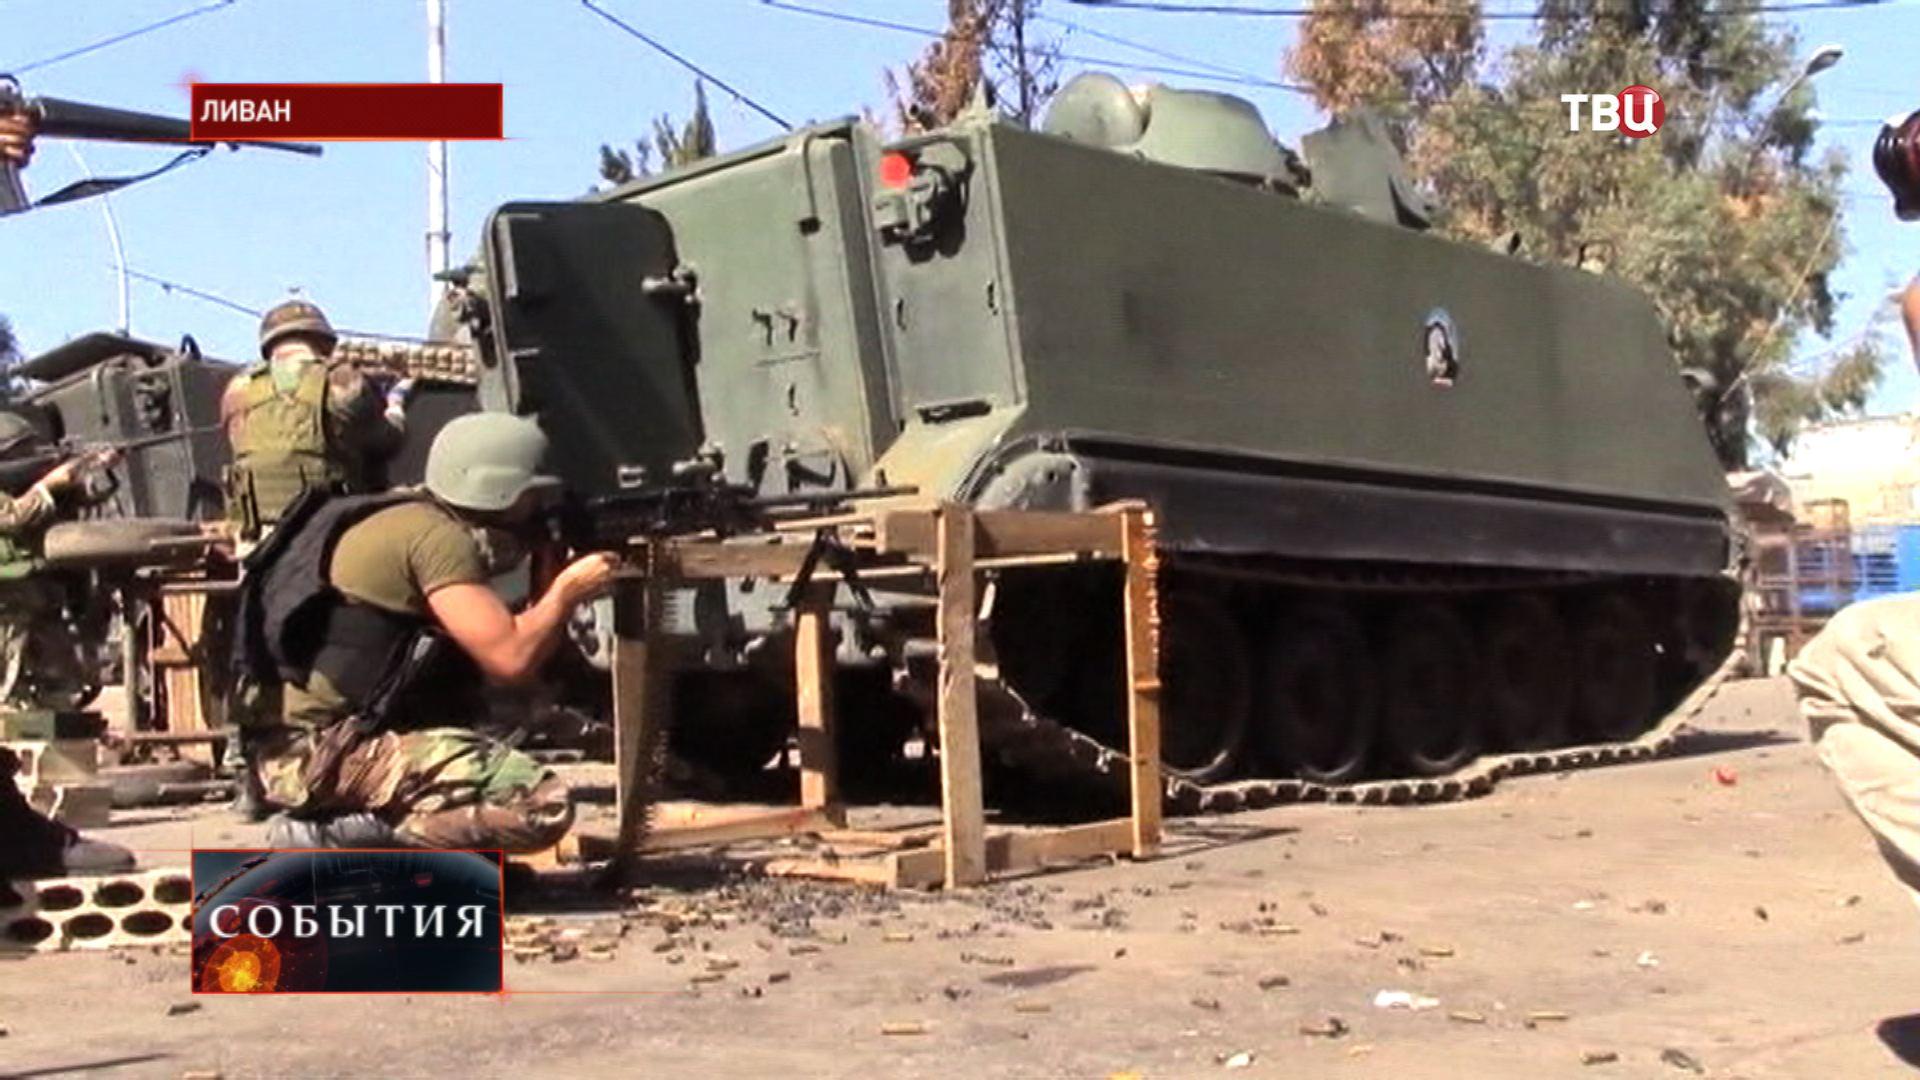 Боевые действия в Ливане